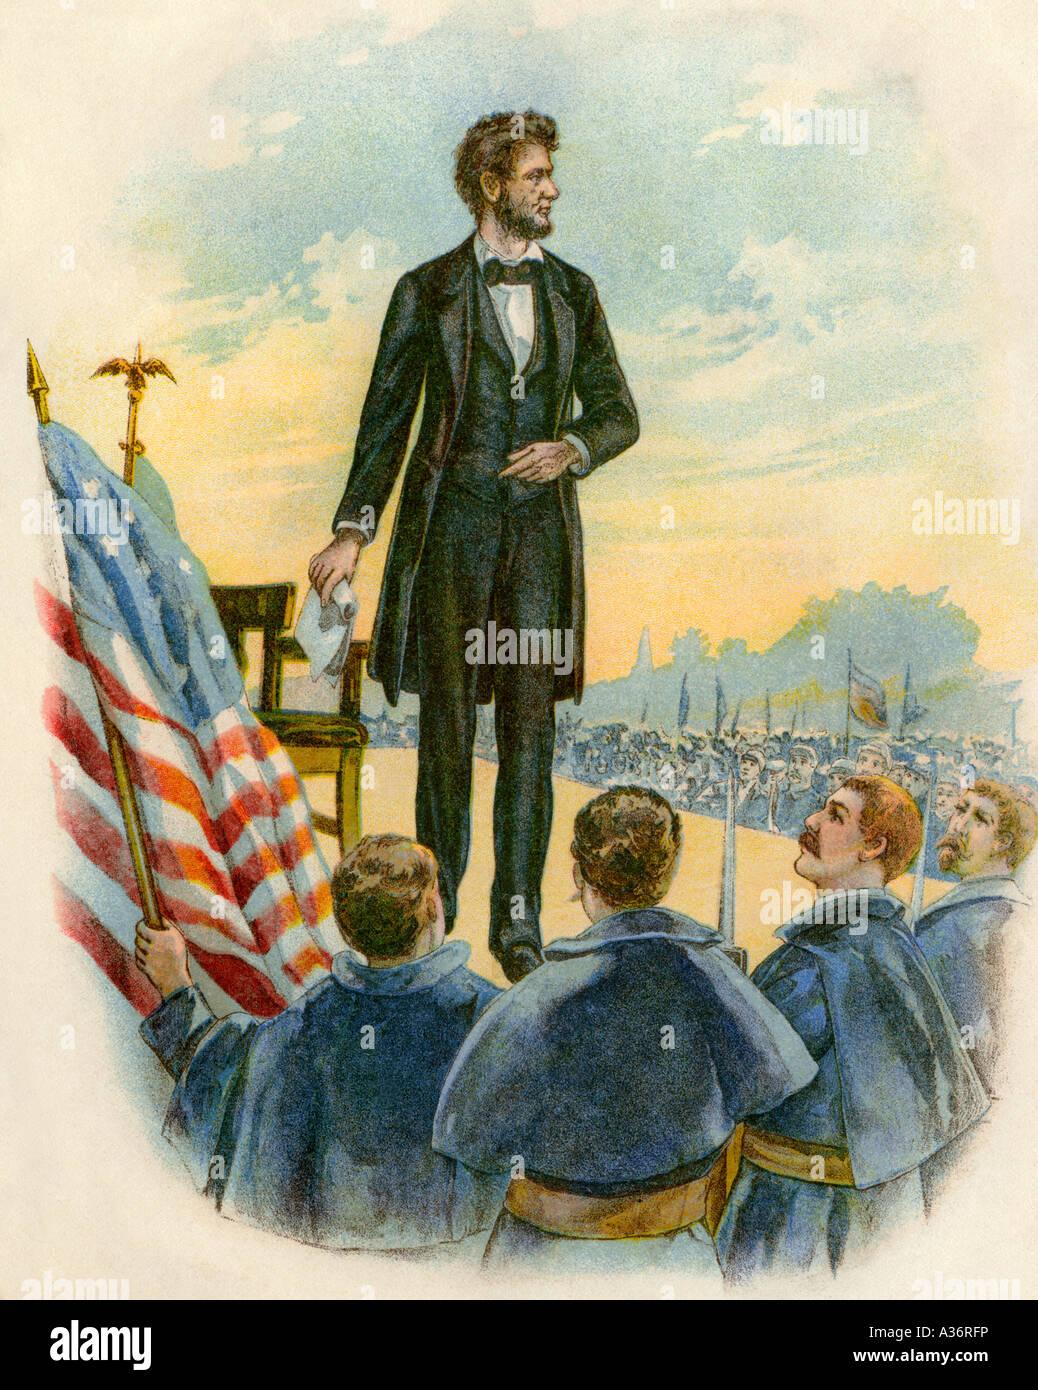 Le président Abraham Lincoln livrer le discours de Gettysburg sur le champ de bataille pendant la Guerre Civile, Banque D'Images